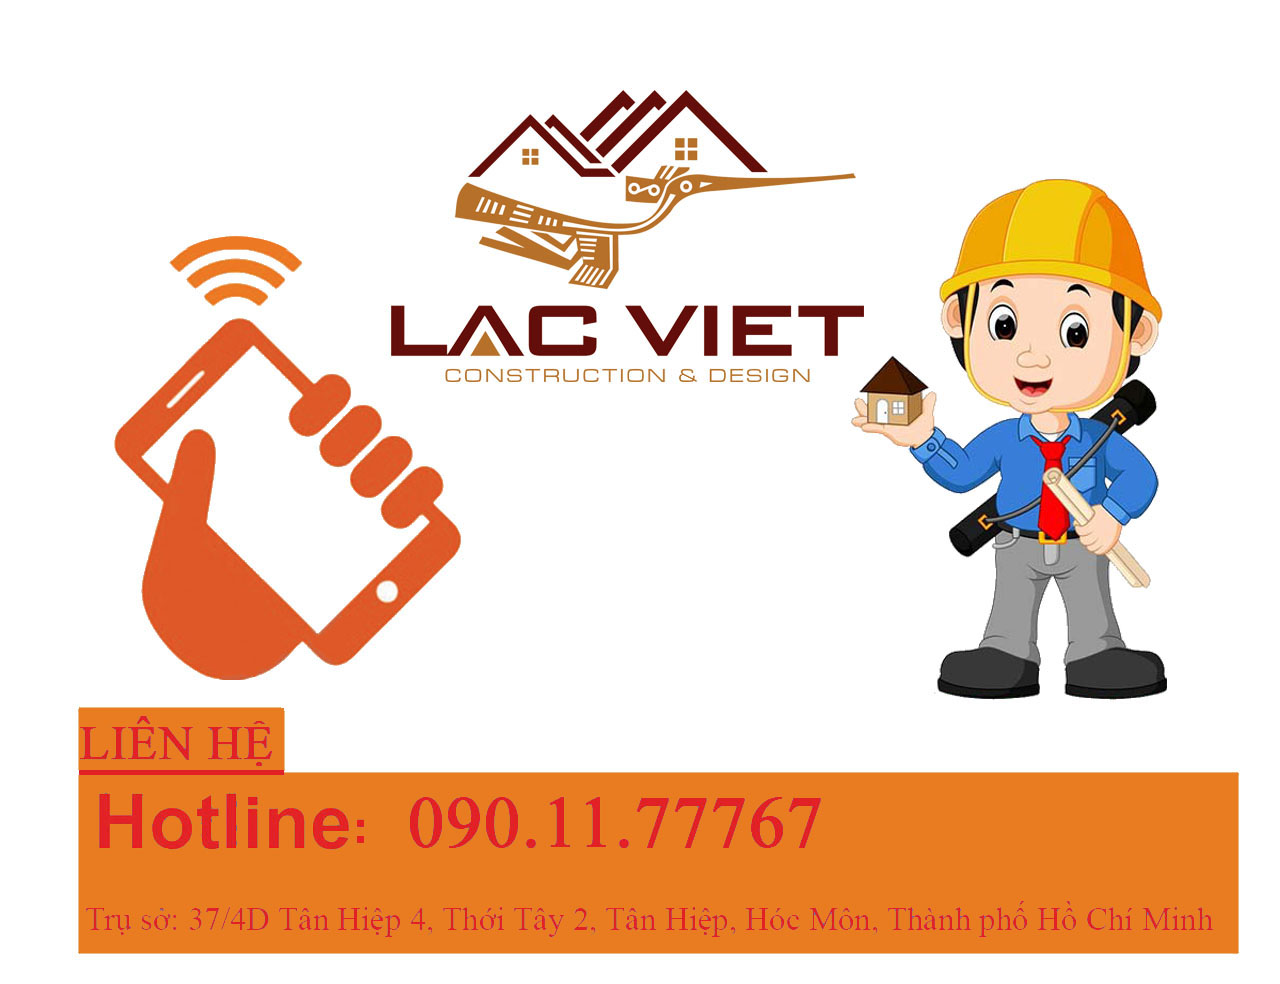 Công ty xây dựng Lạc Việt